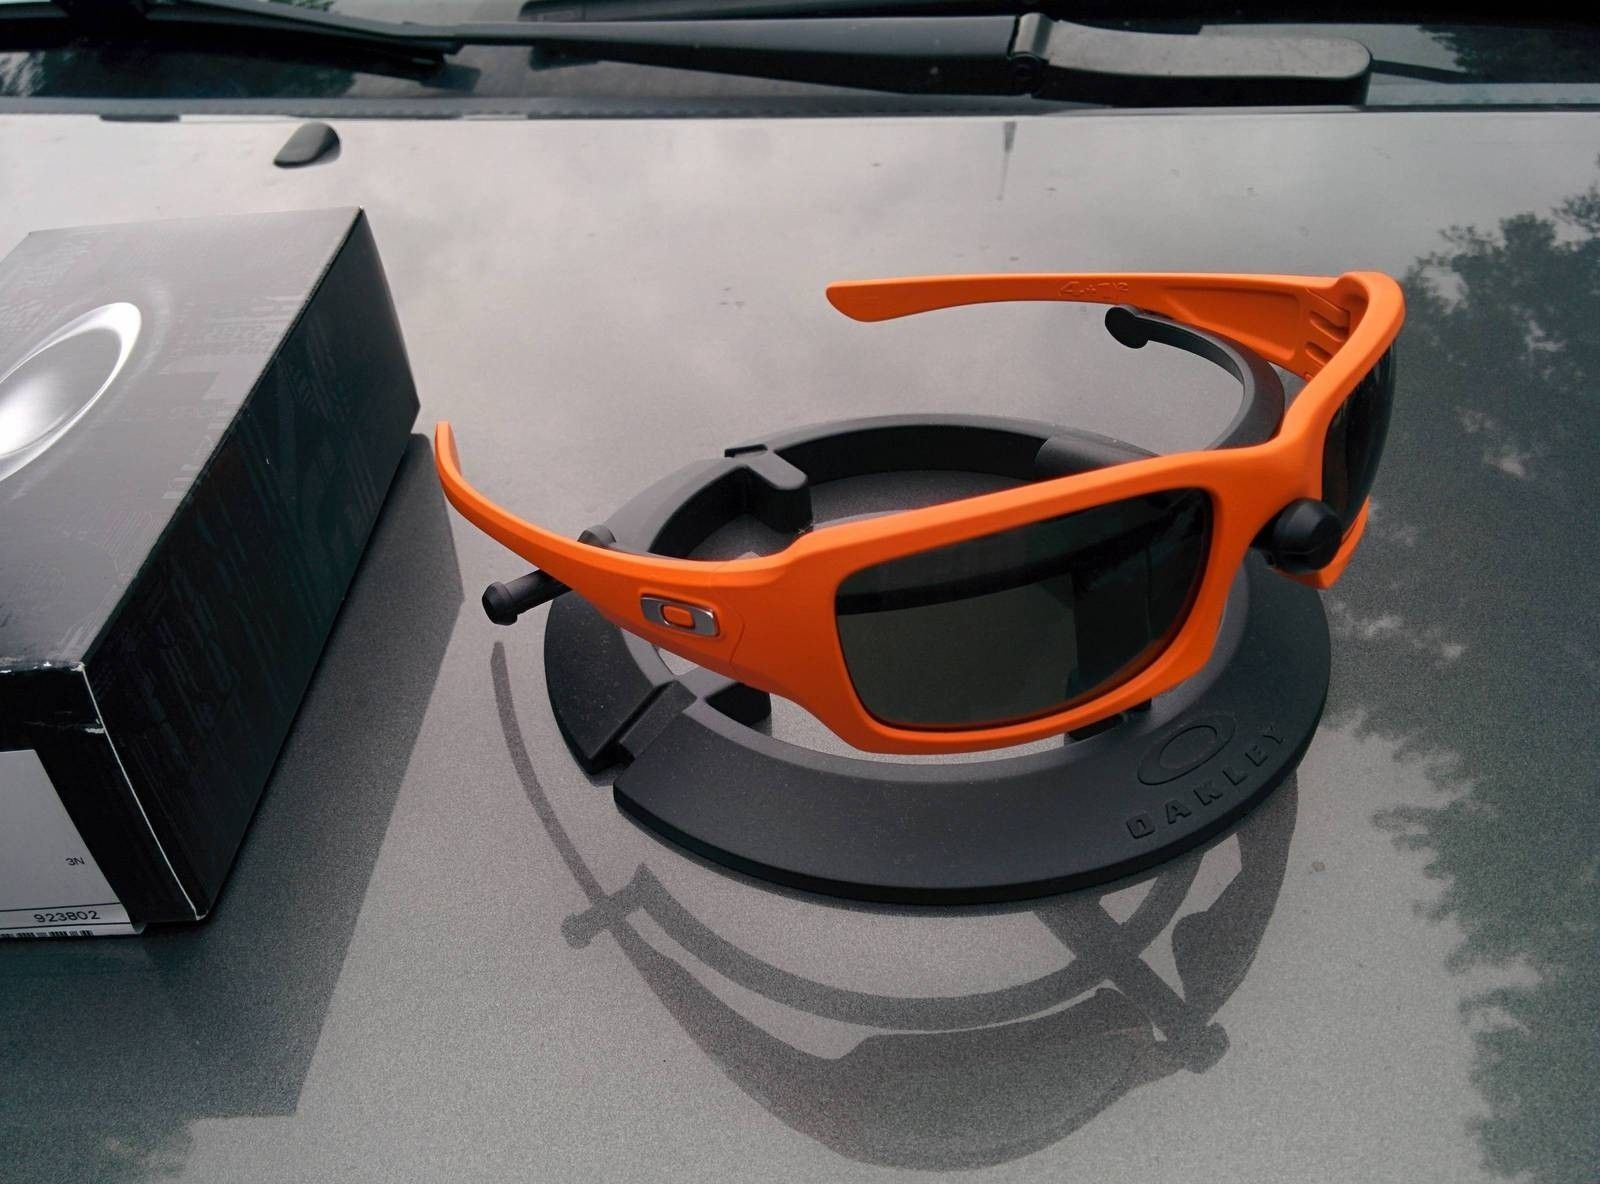 Safety Orange Cerakote Fives Squared/Grey Lens - NpR8rjj.jpg